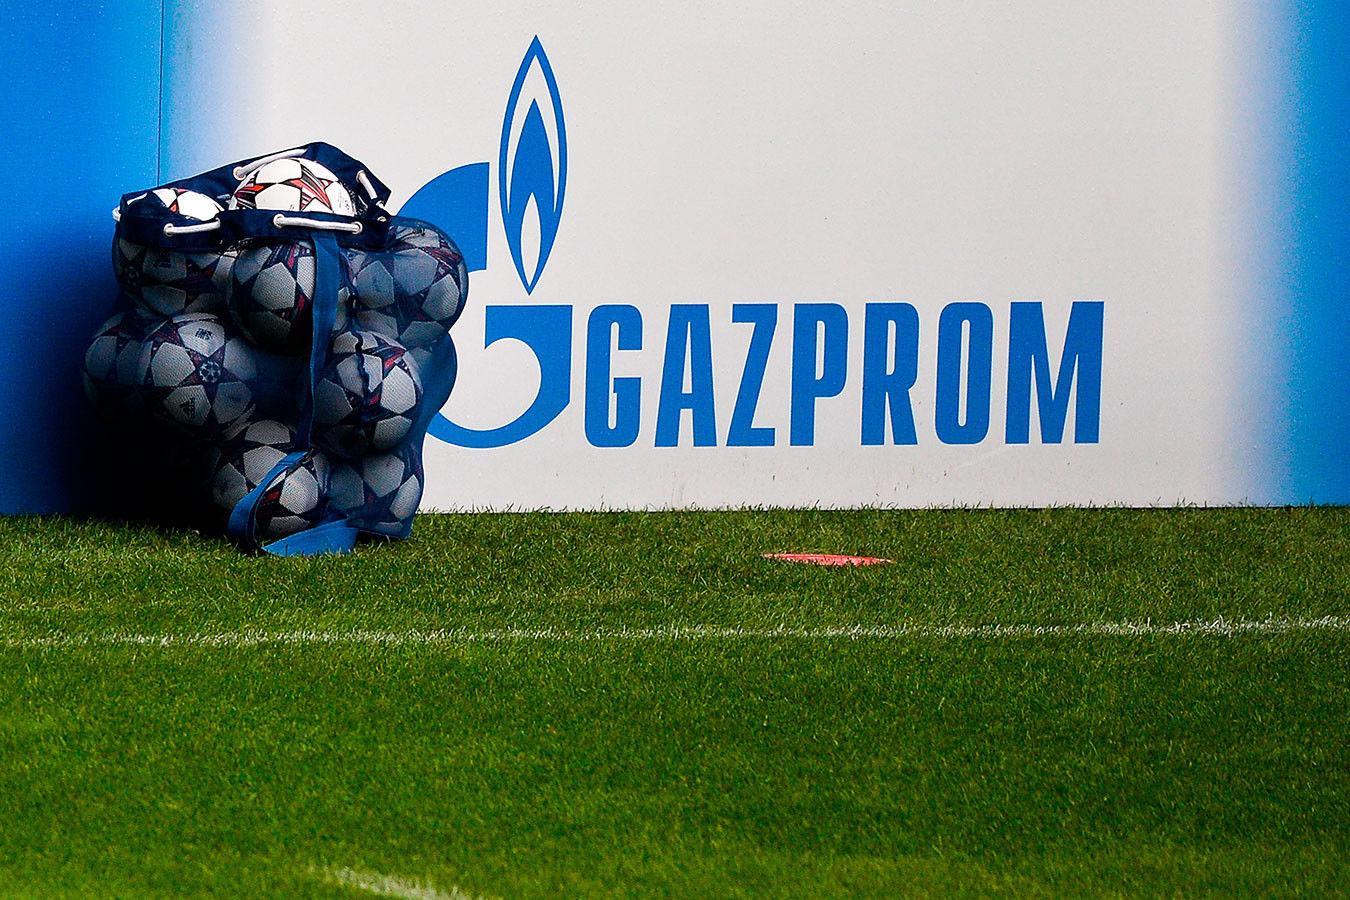 """50 млн евро от """"Газпрома"""": Bild узнала подноготную решения УЕФА по лозунгу """"Героям слава!"""""""